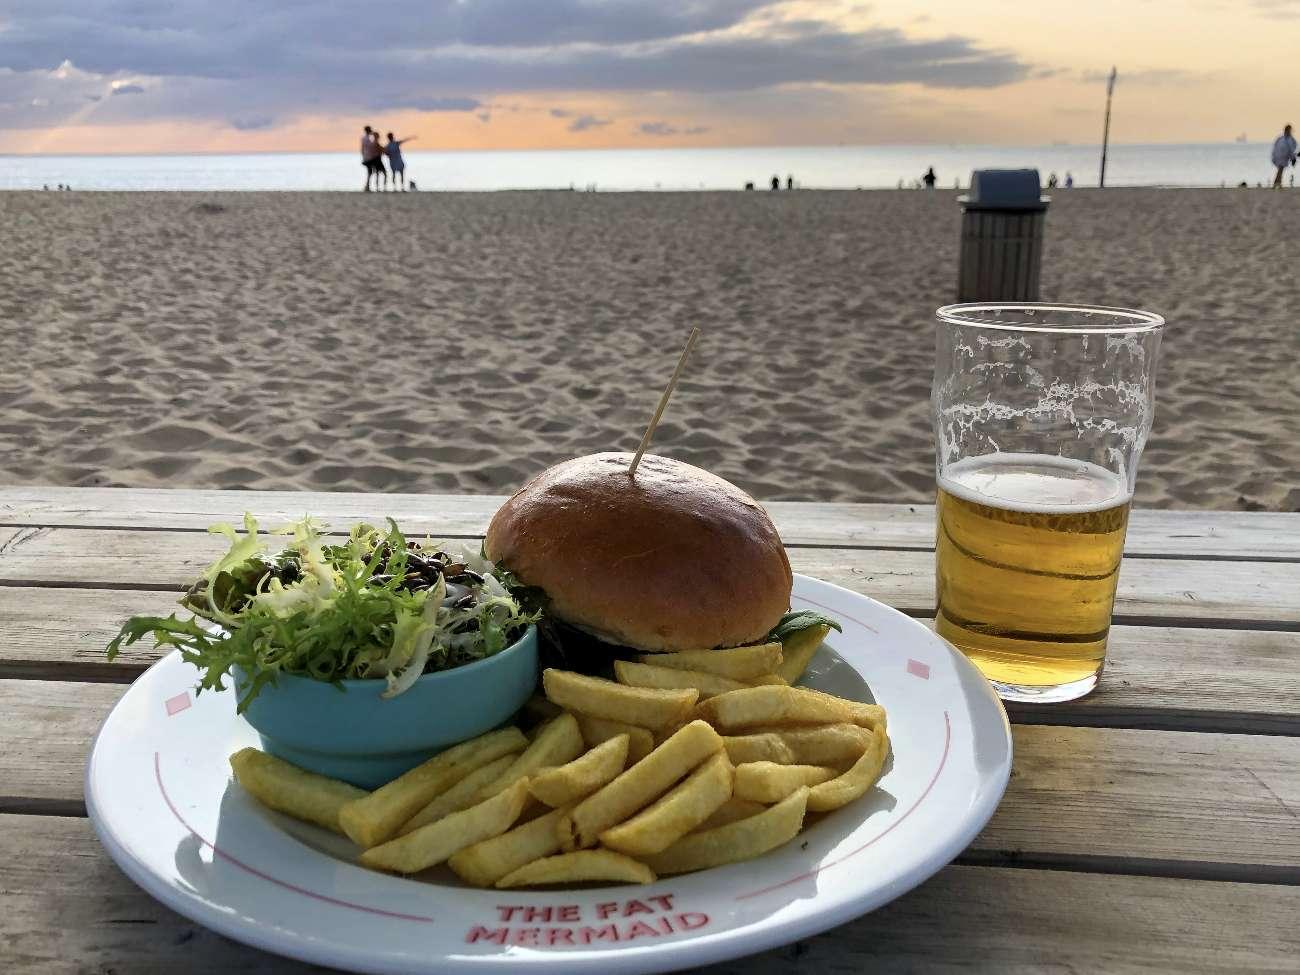 Burger mit Bier im Strandpavillon Fat Mermaid in Scheveningen